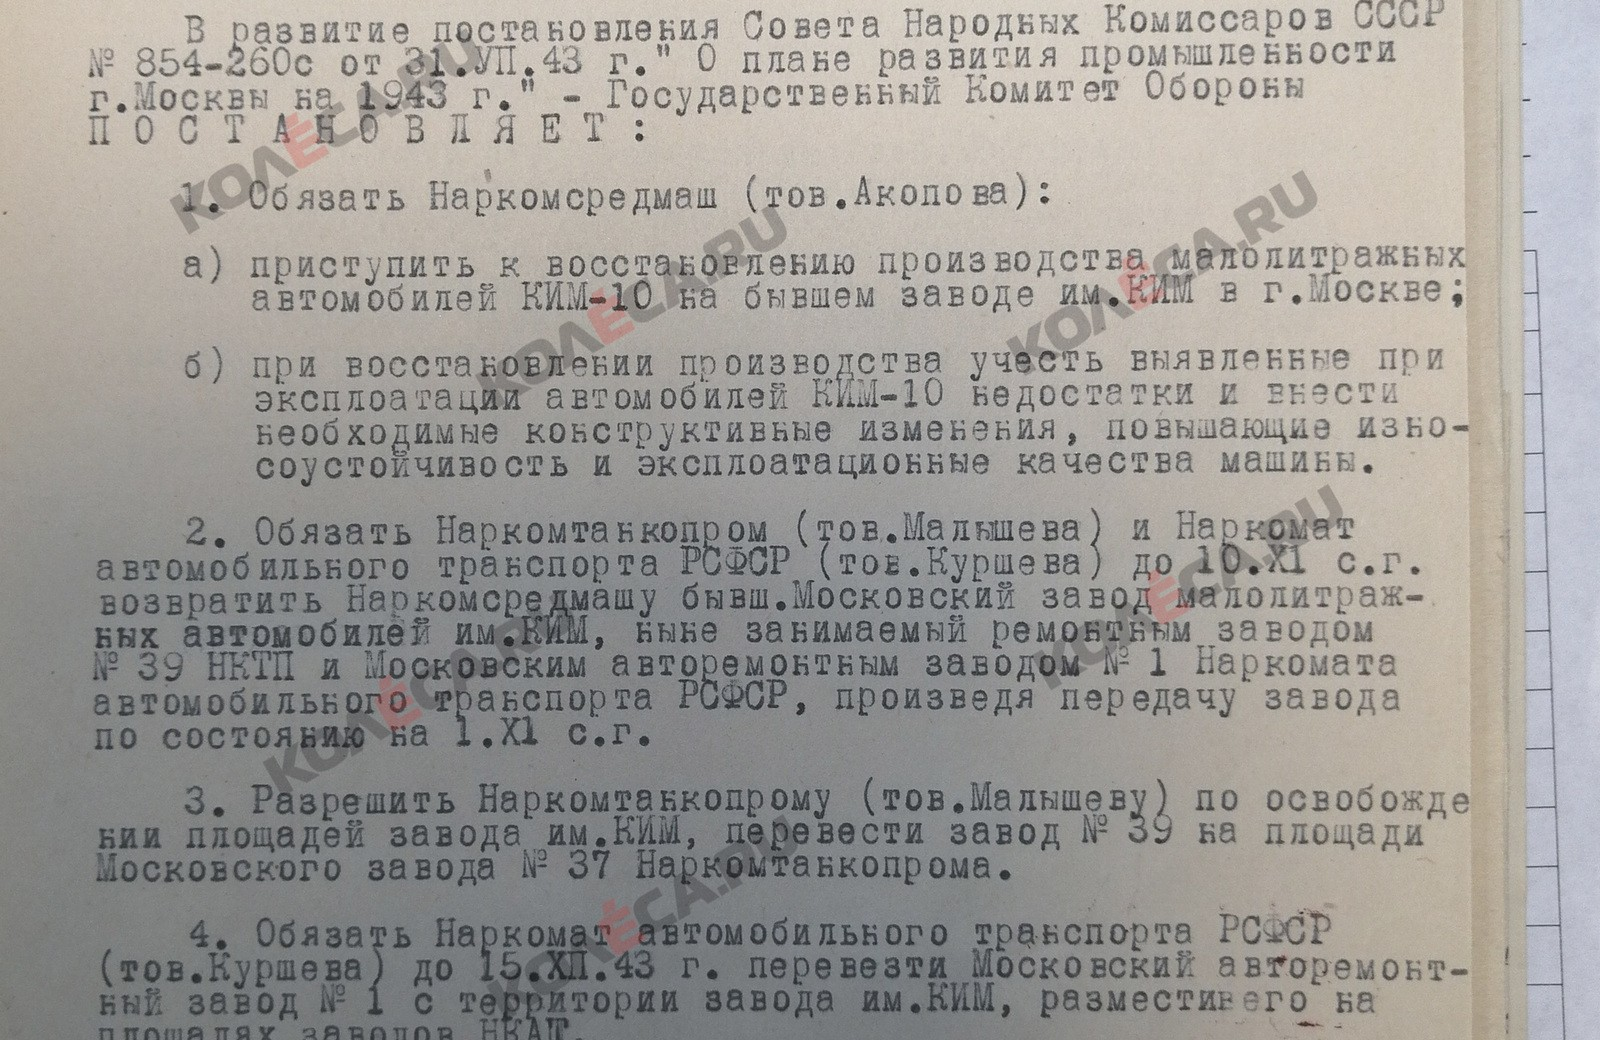 Запчасти для «американцев» вместо КИМ-10: ради чего в 1944 году «зарубили» первую малолитражку СССР?